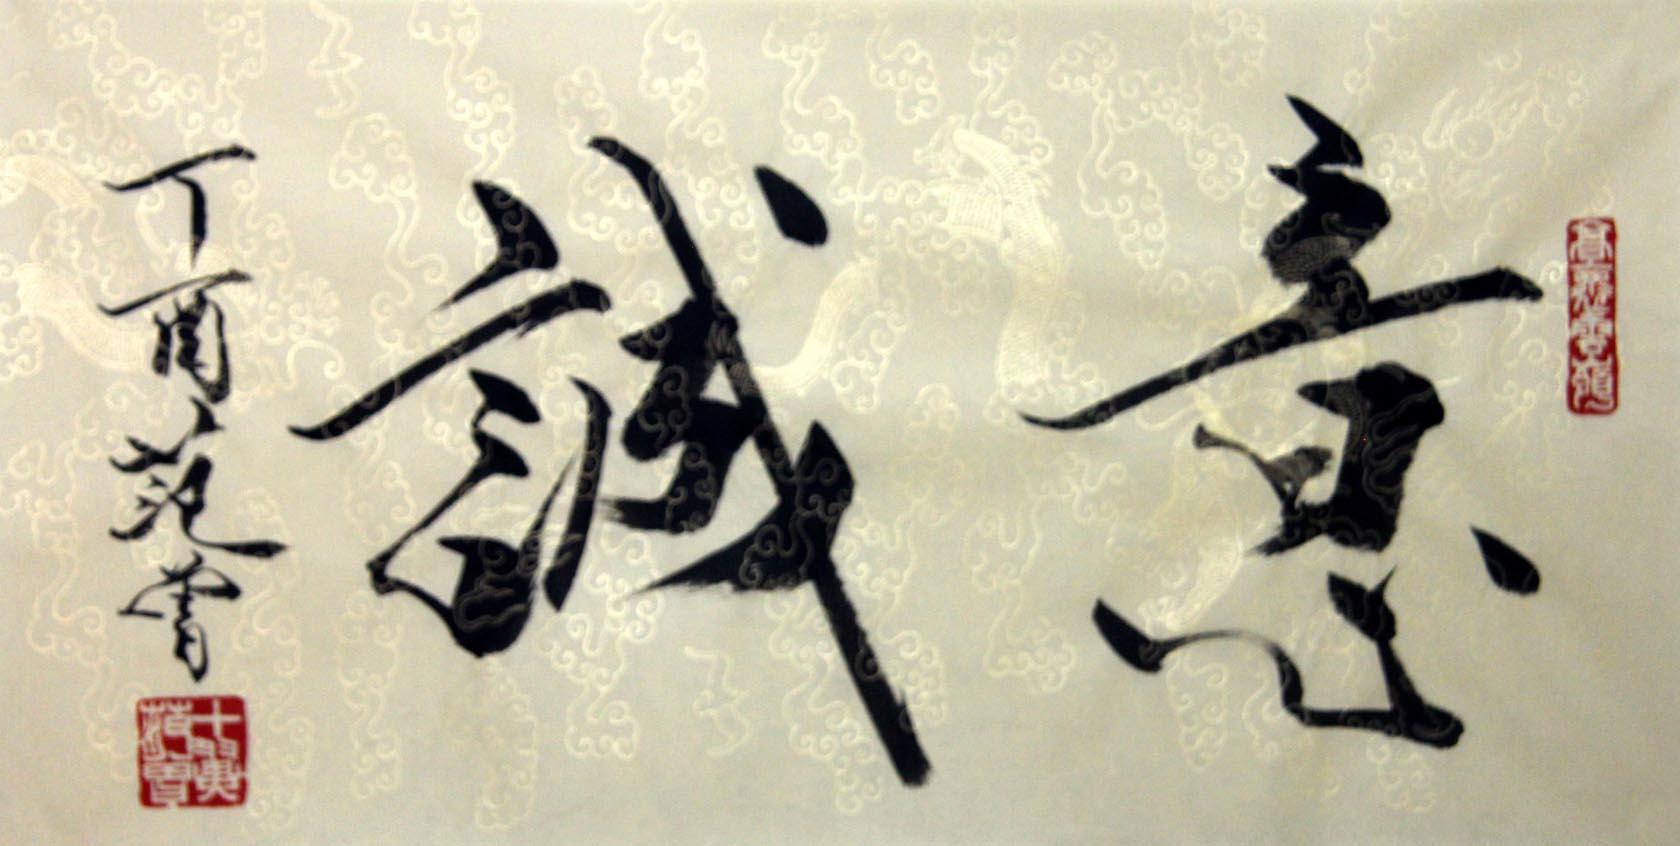 范曾书画作品字画收藏欣赏fz 书法 高仿字画网 高仿字画图片